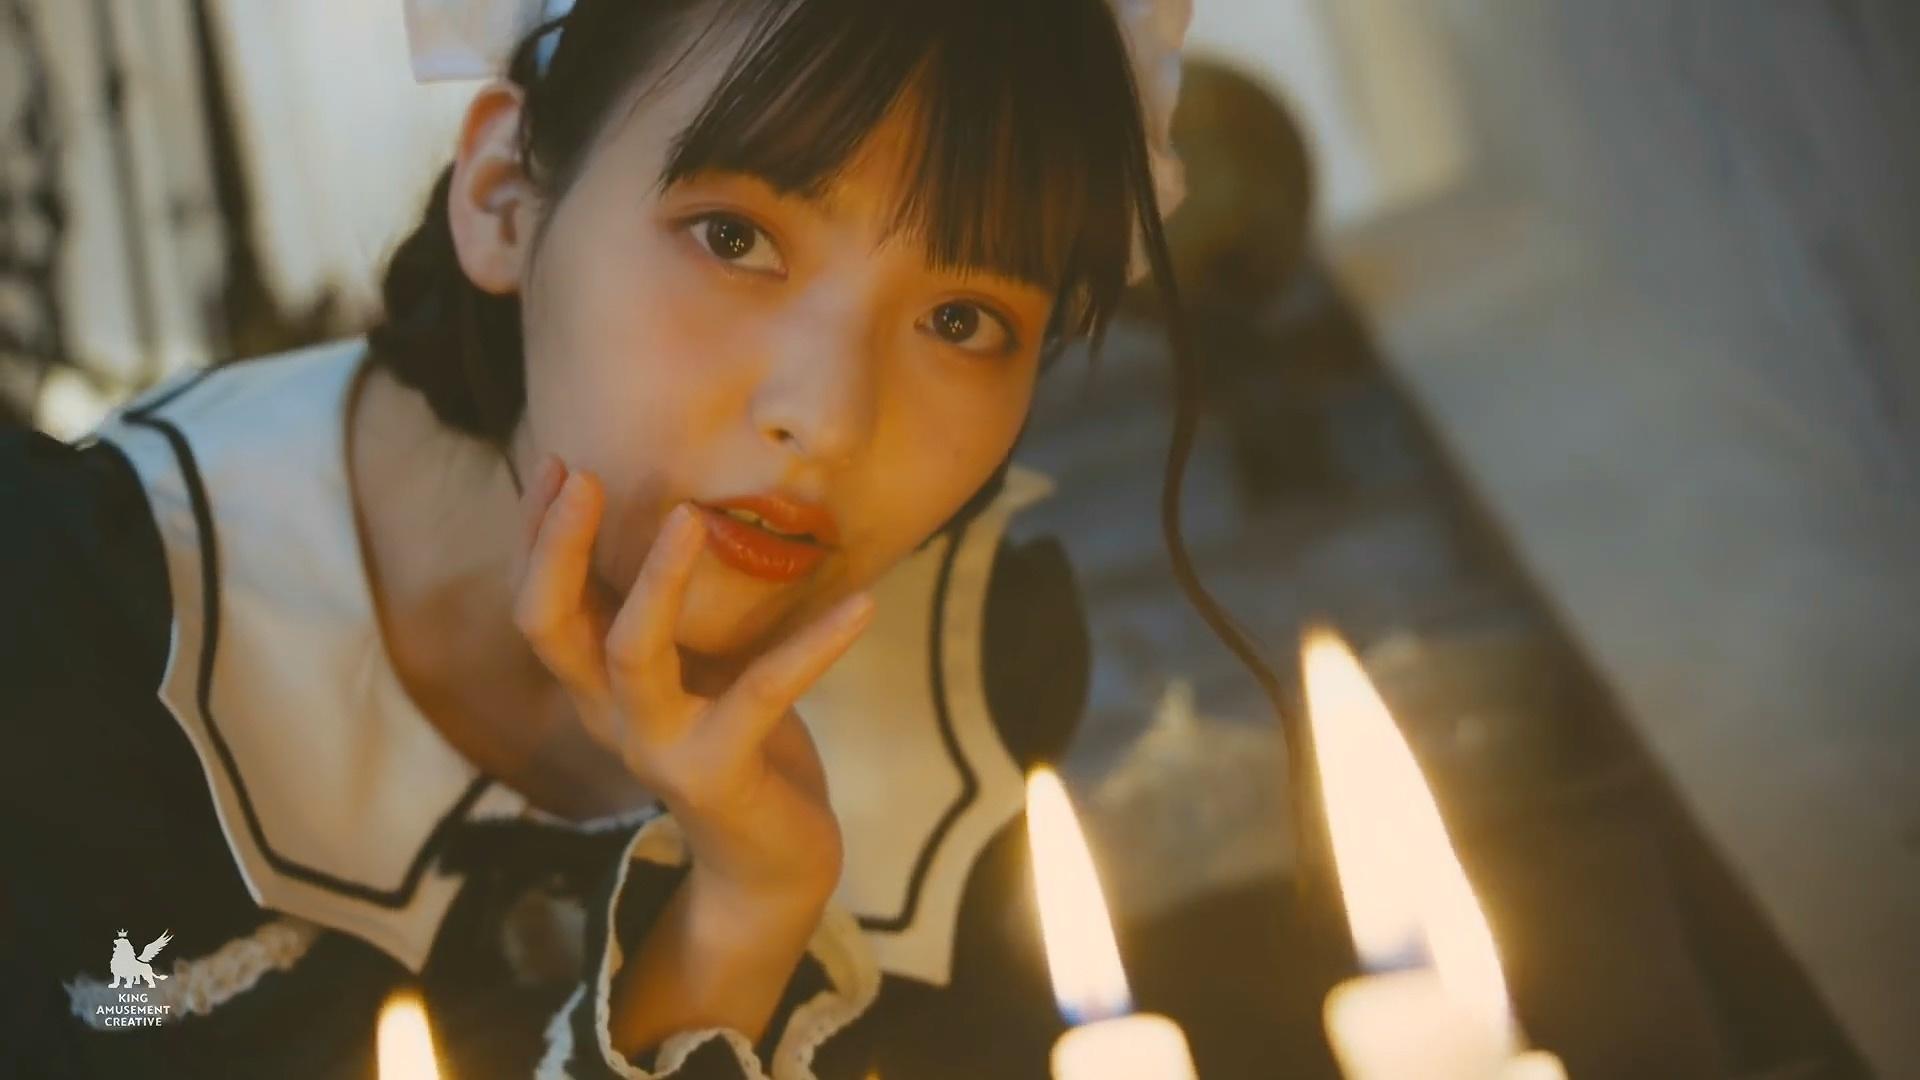 上坂すみれ「EASY LOVE」Music Video.mp4_000039.853